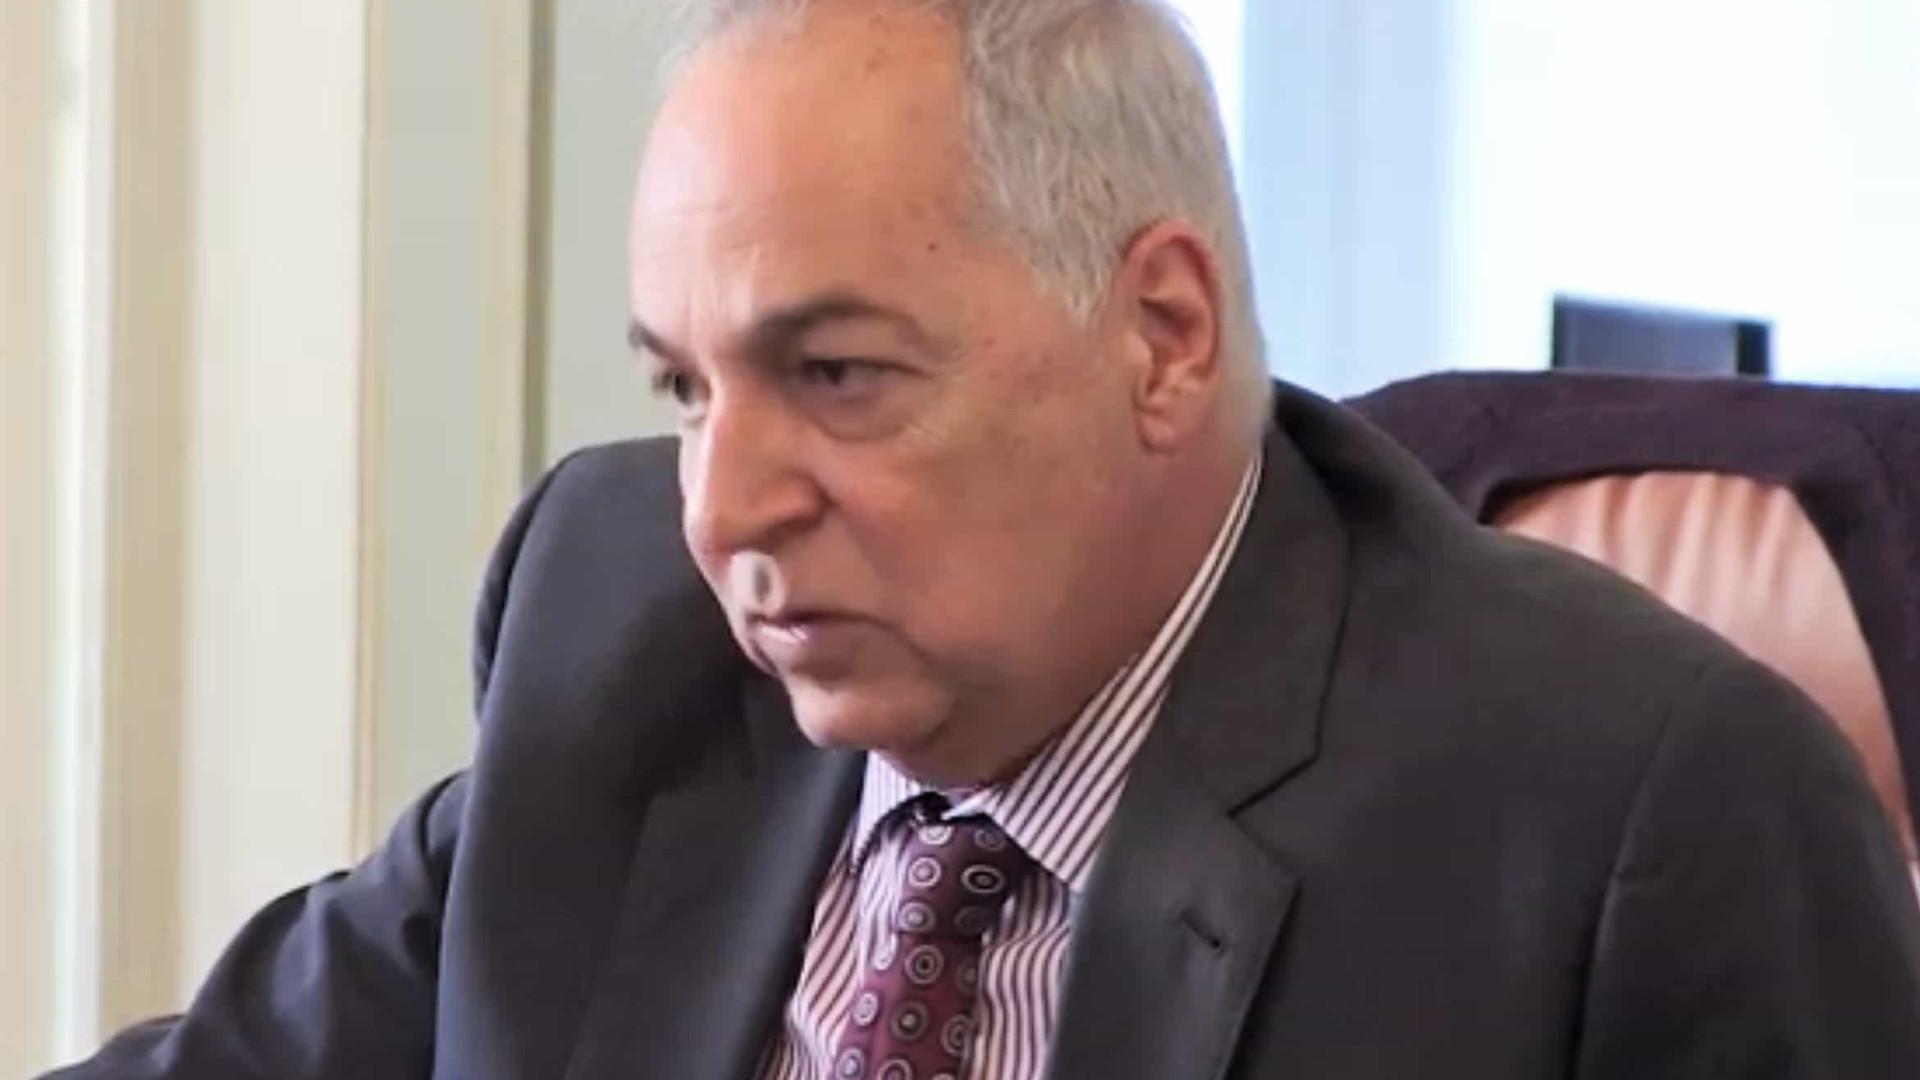 Morre em Portugal embaixador Reinaldo Storani, aos 65 anos